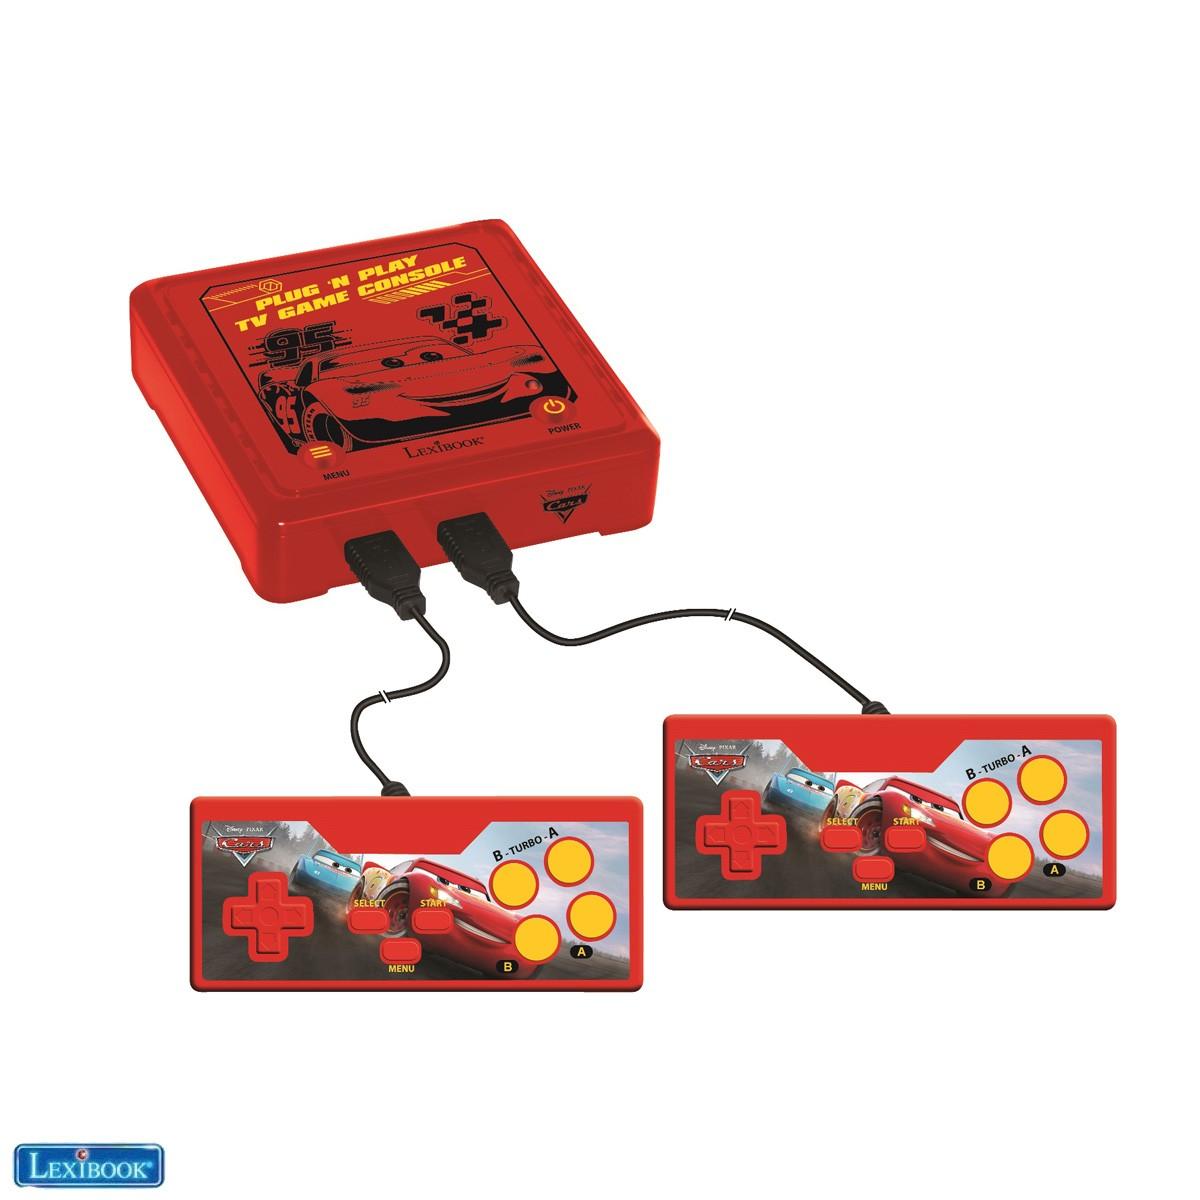 Console de jeux Plug'N Play avec 300 jeux